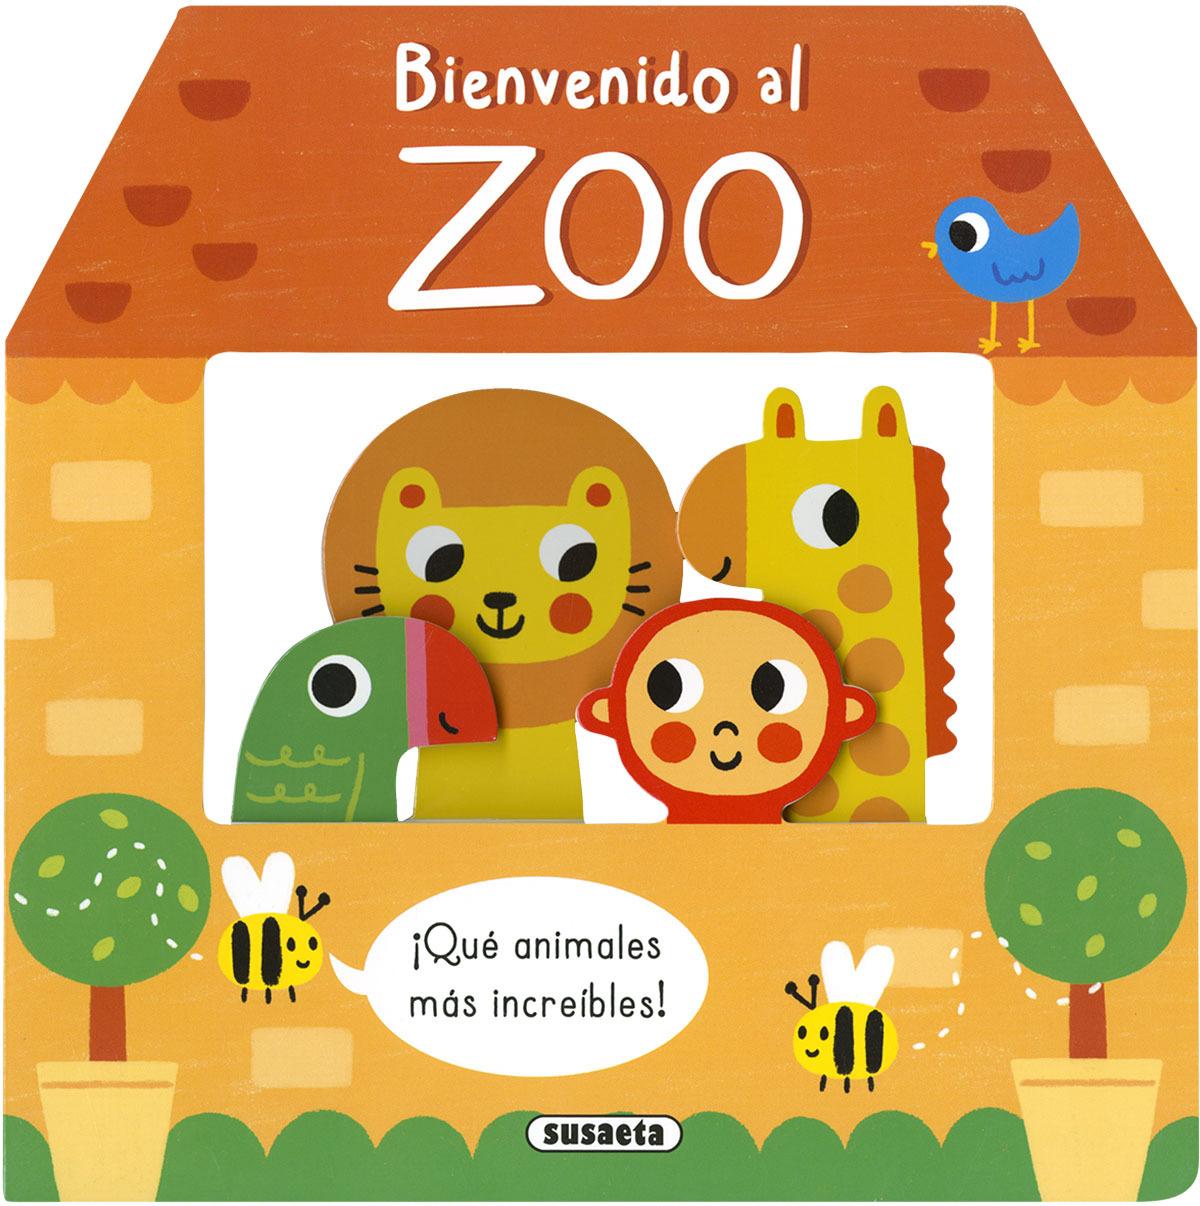 Bienvenido al zoo